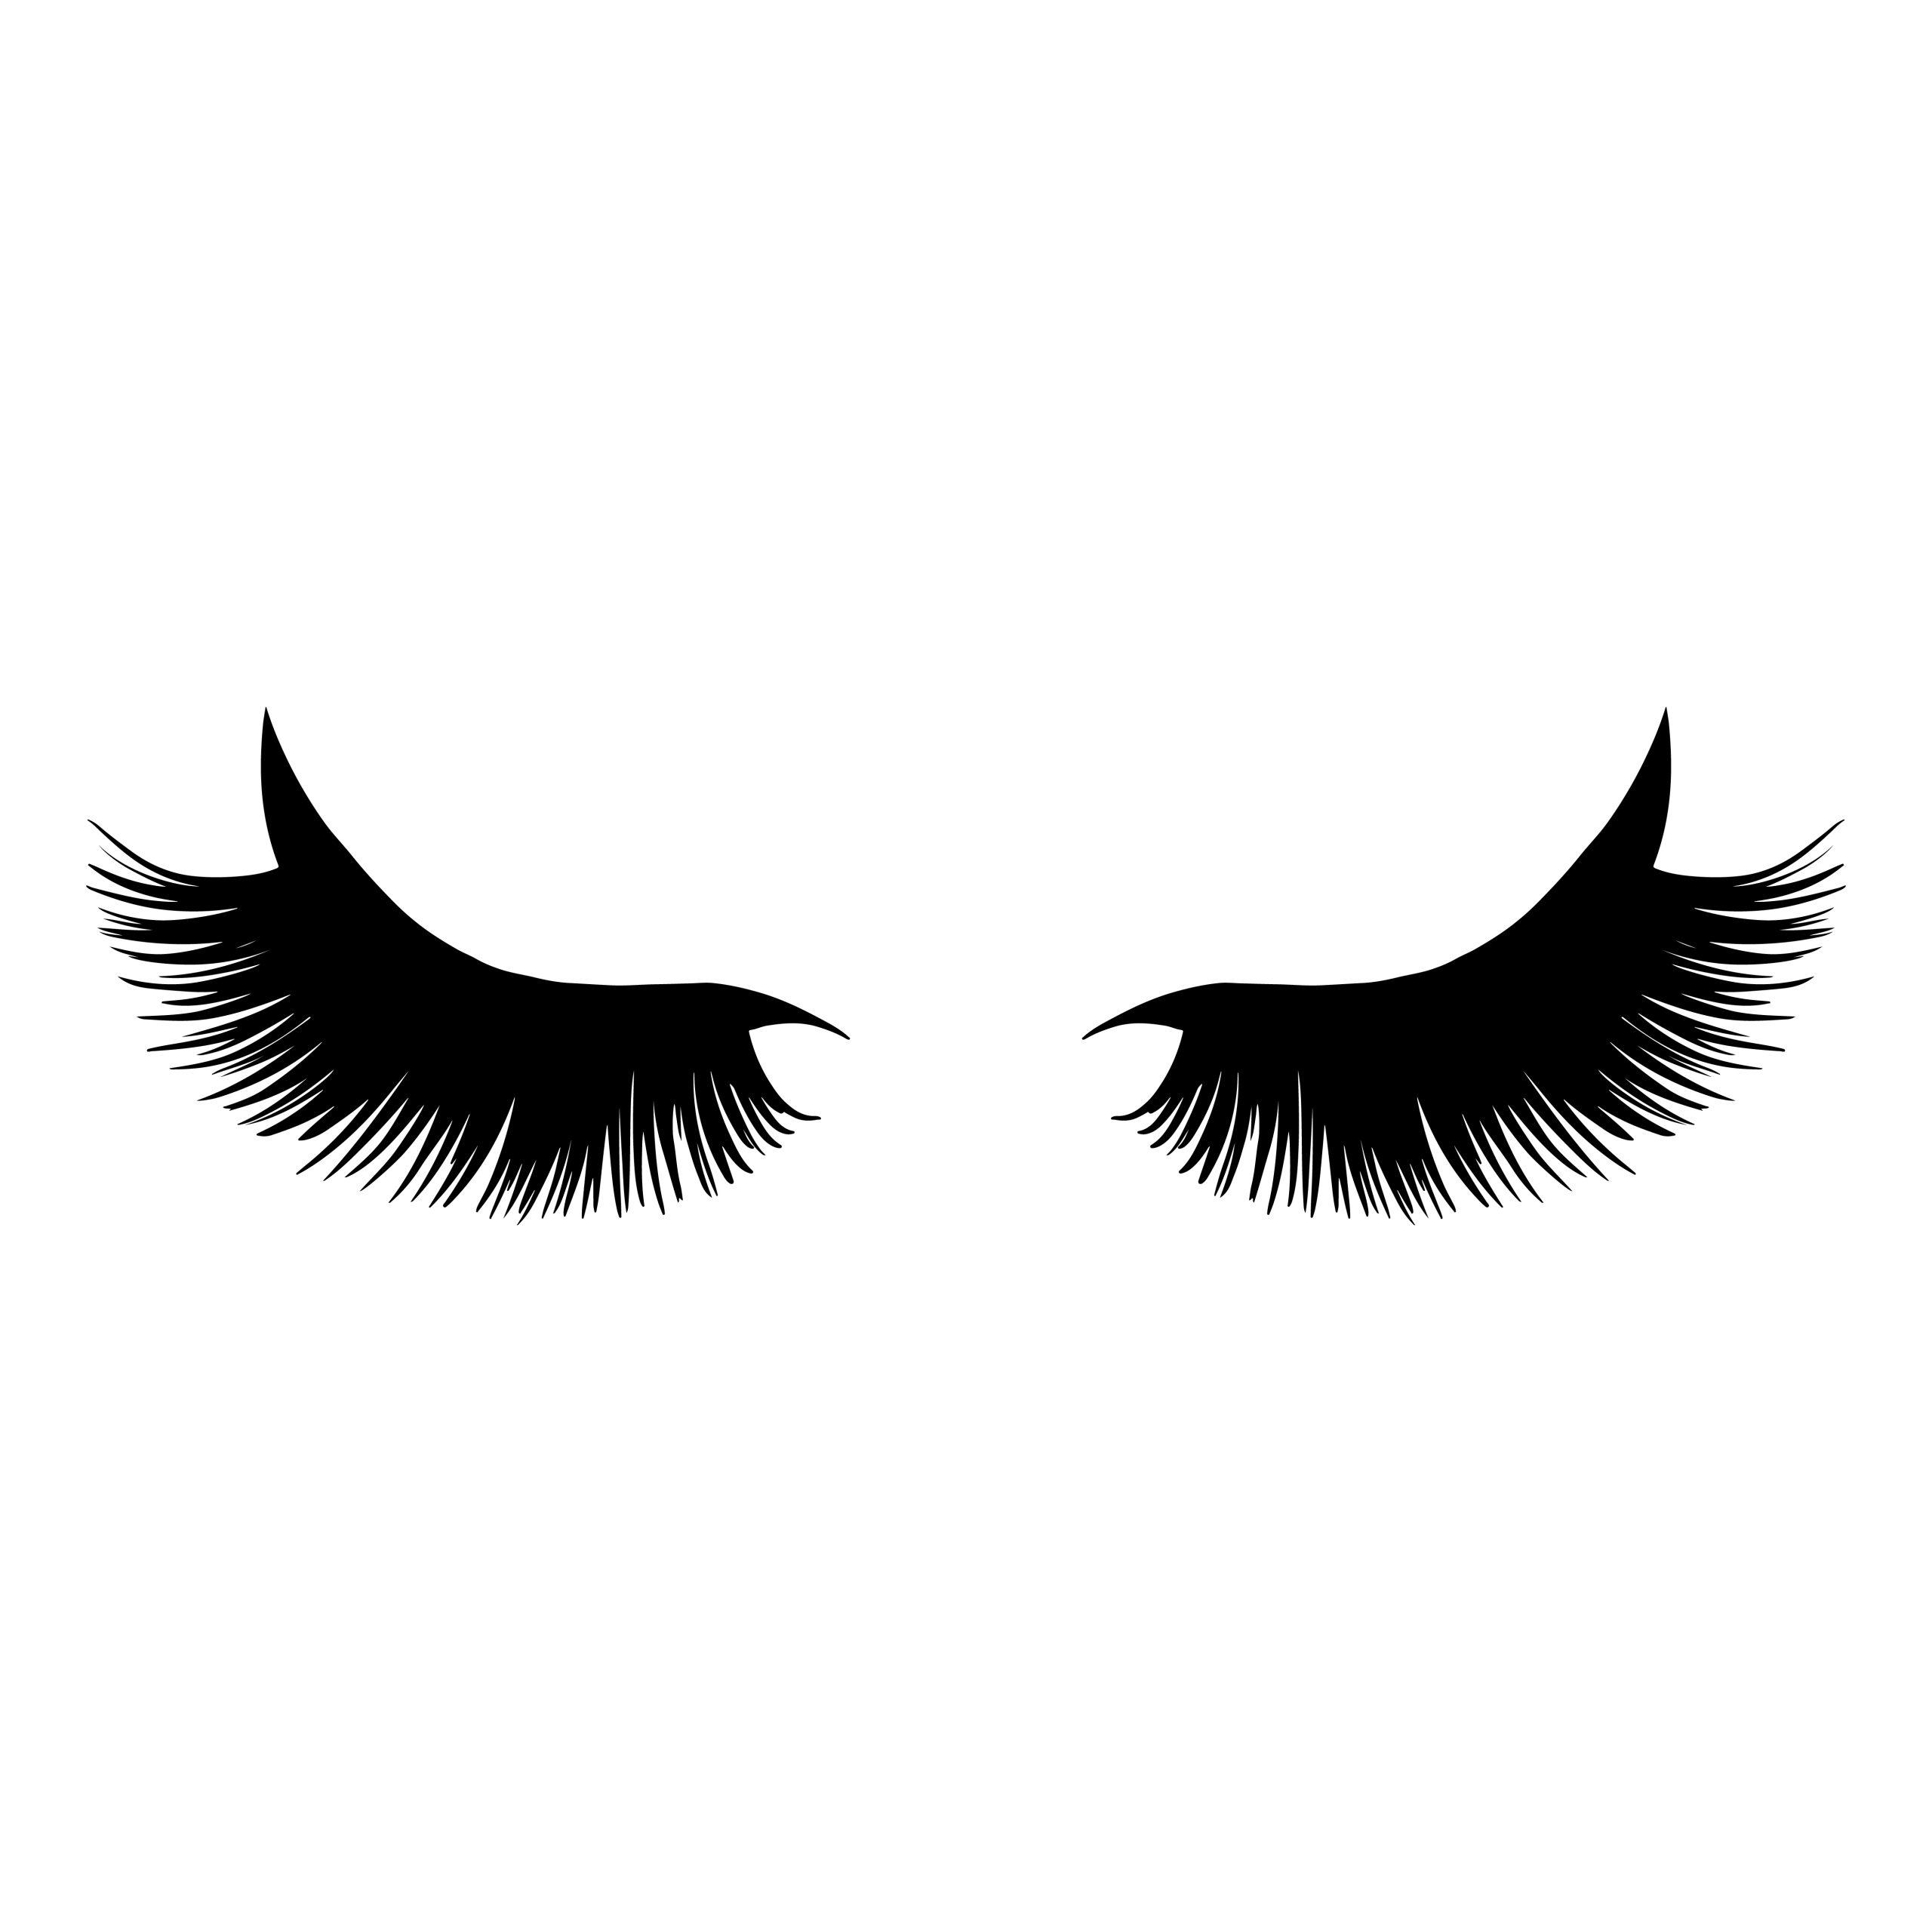 Black long lashes vector illustration. Beautiful Eyelashes isolated on a background.